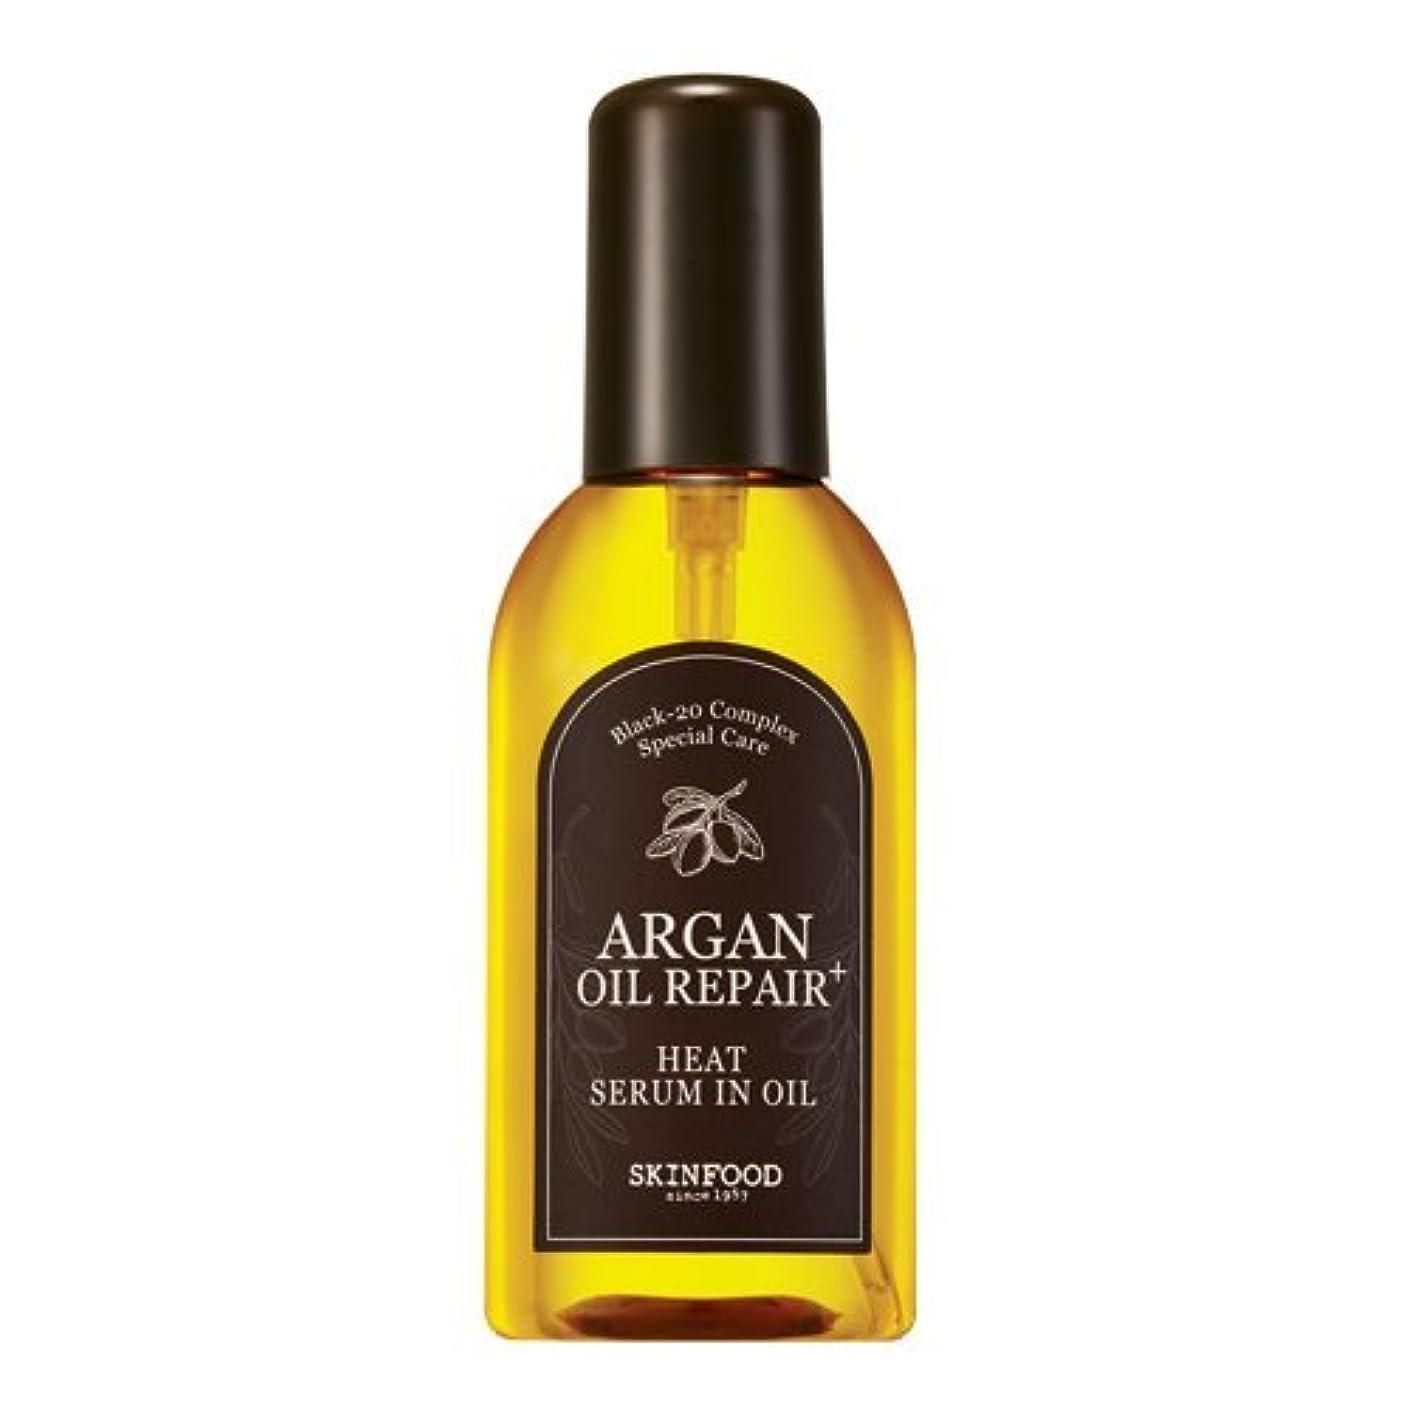 の間に保護インチ[1+1]SKINFOOD Argan Oil Repair Plus Heat Serum in Oil 100ml*2/スキンフード アルガンオイル リペア プラス ヒート セラム イン オイル 100ml*2 [並行輸入品]